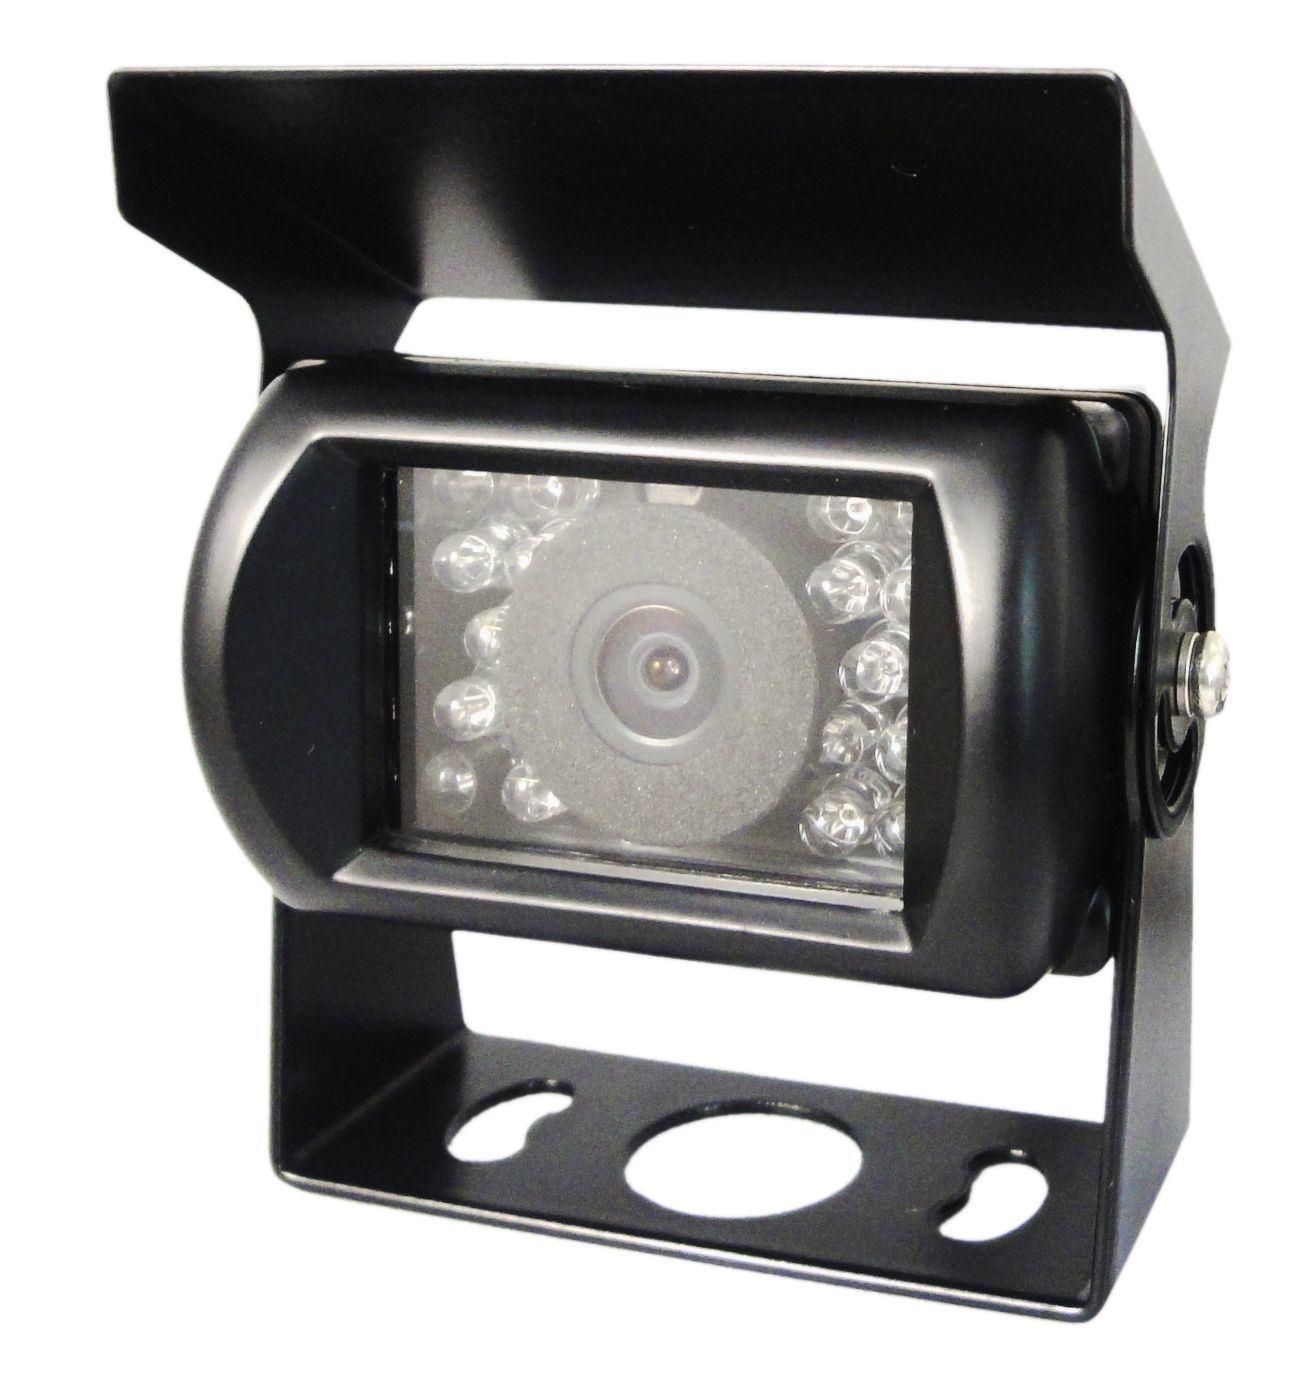 Car Rearview Backup Heavy Duty Waterproof Camera (Ca-9880)